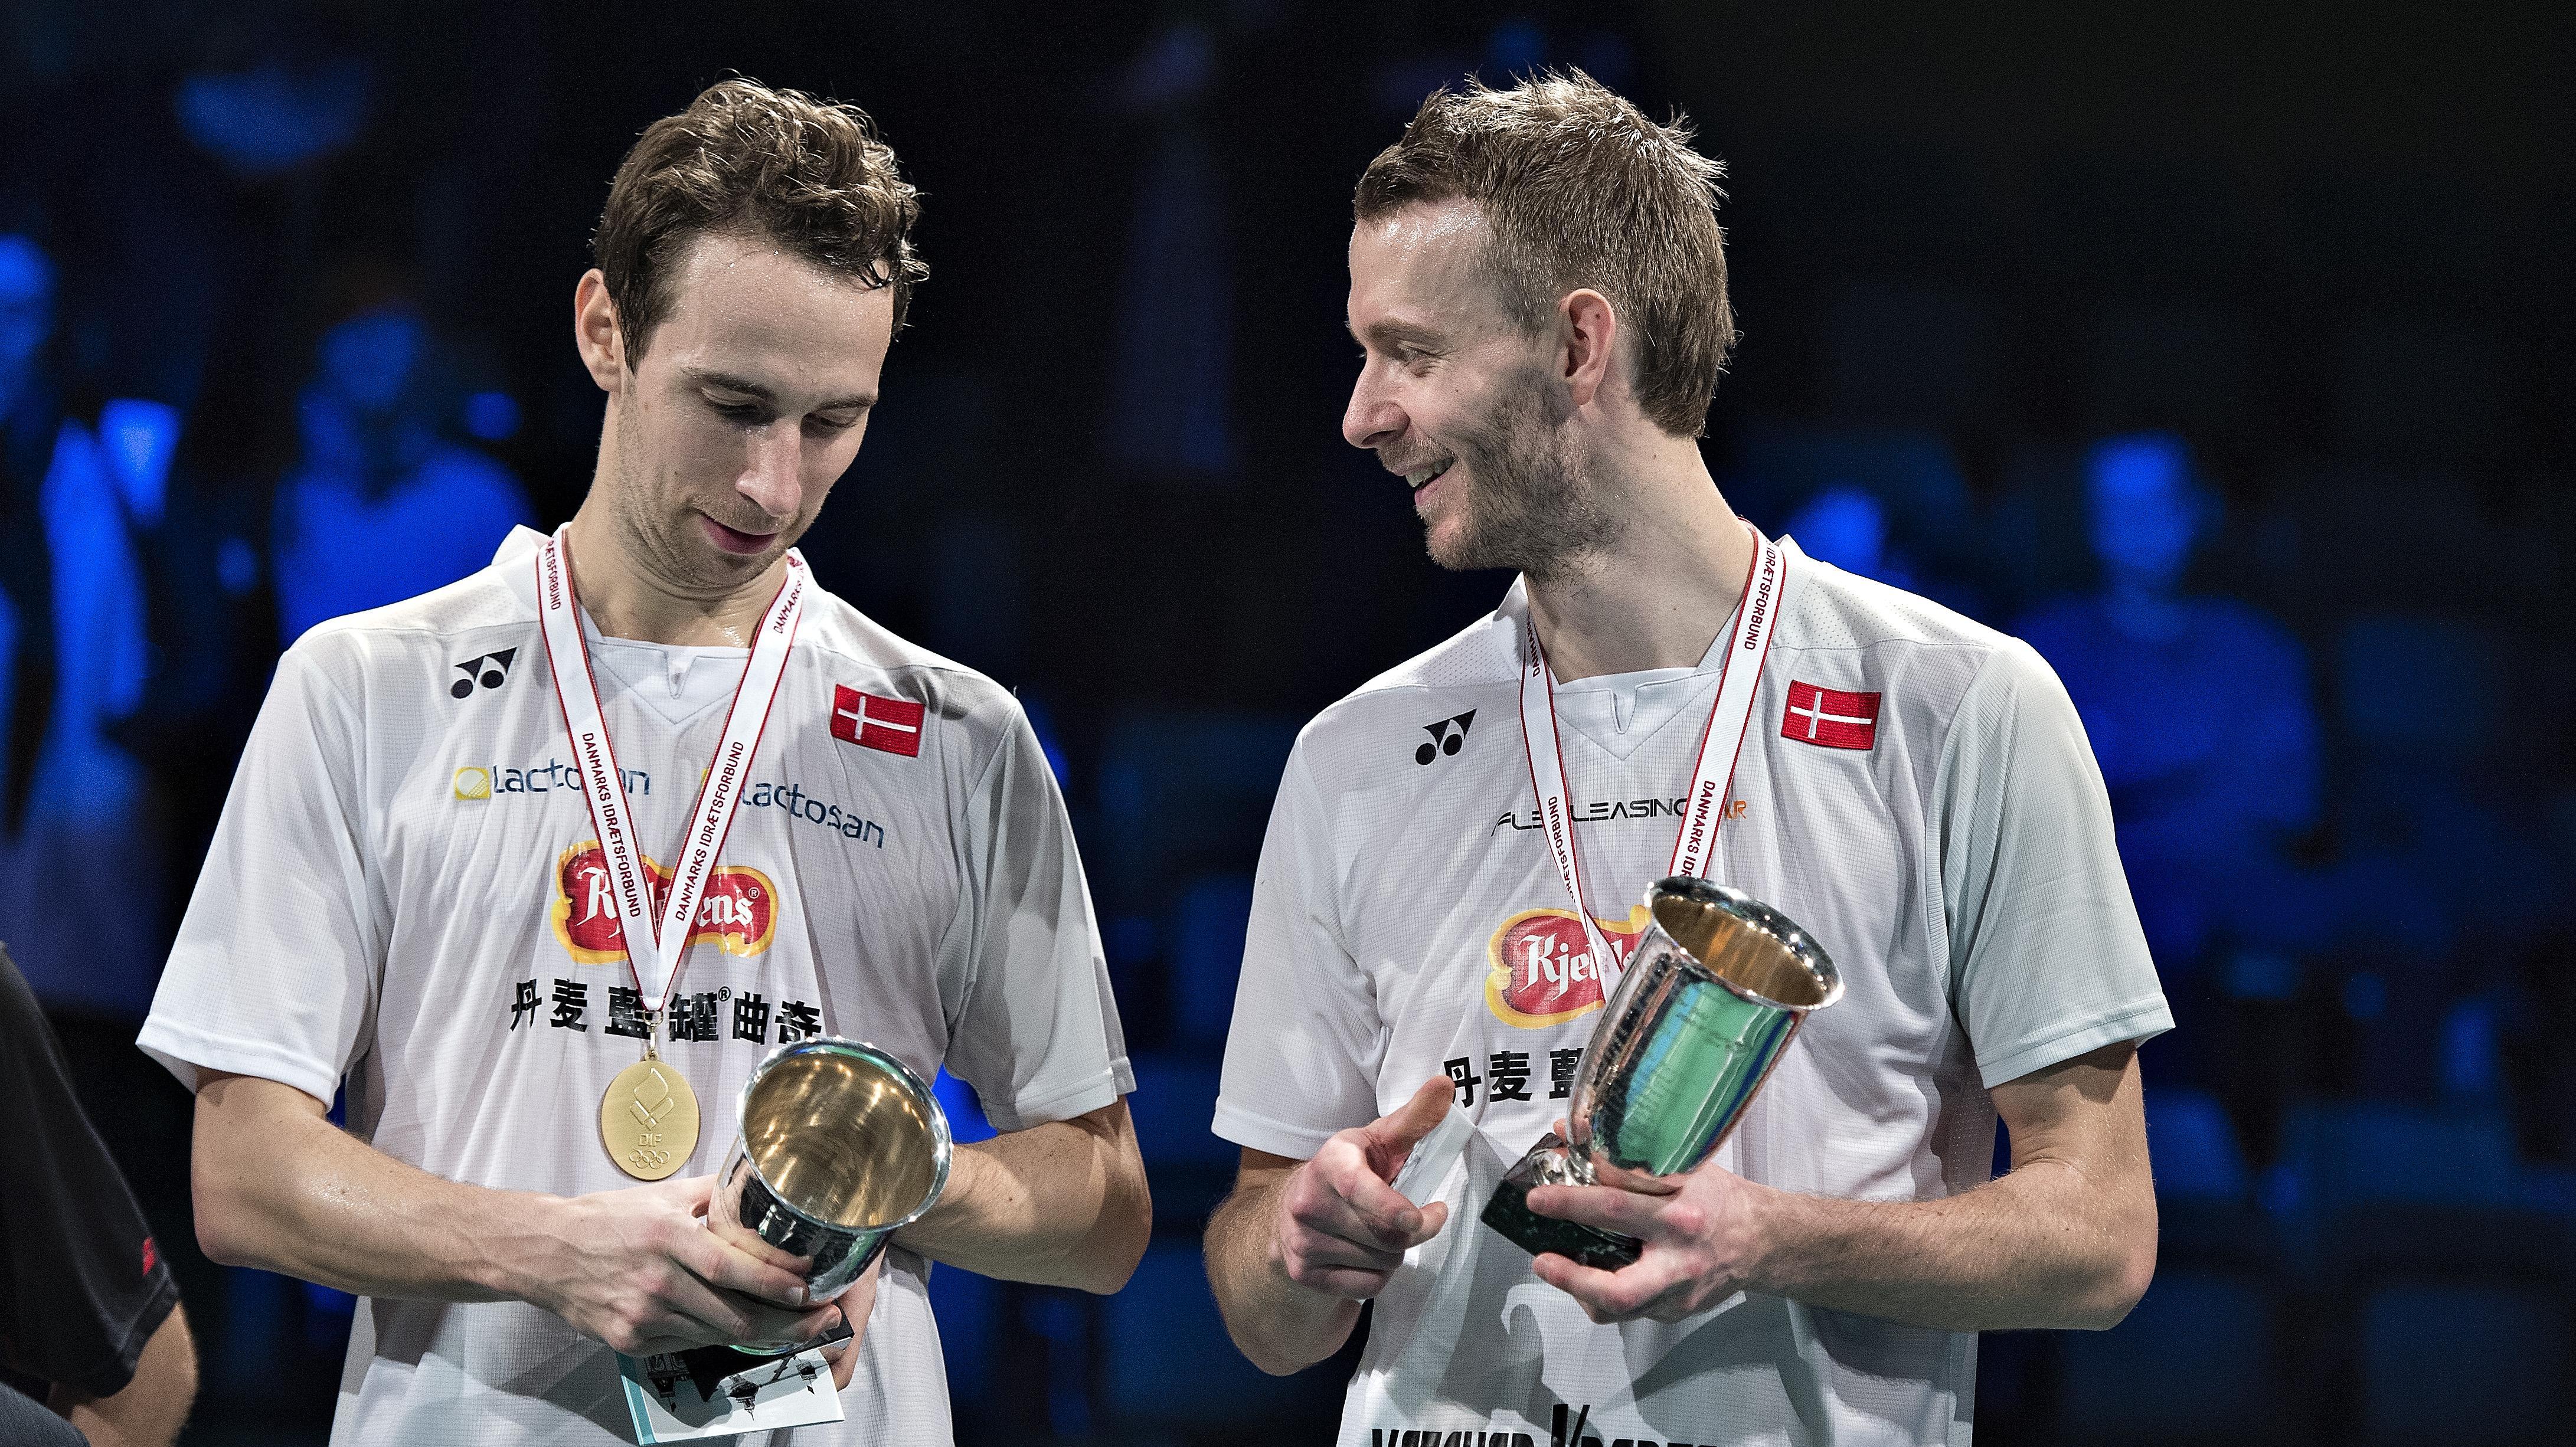 Carsten Mogensen tr¦ner igen efter hjerneoperation Badminton